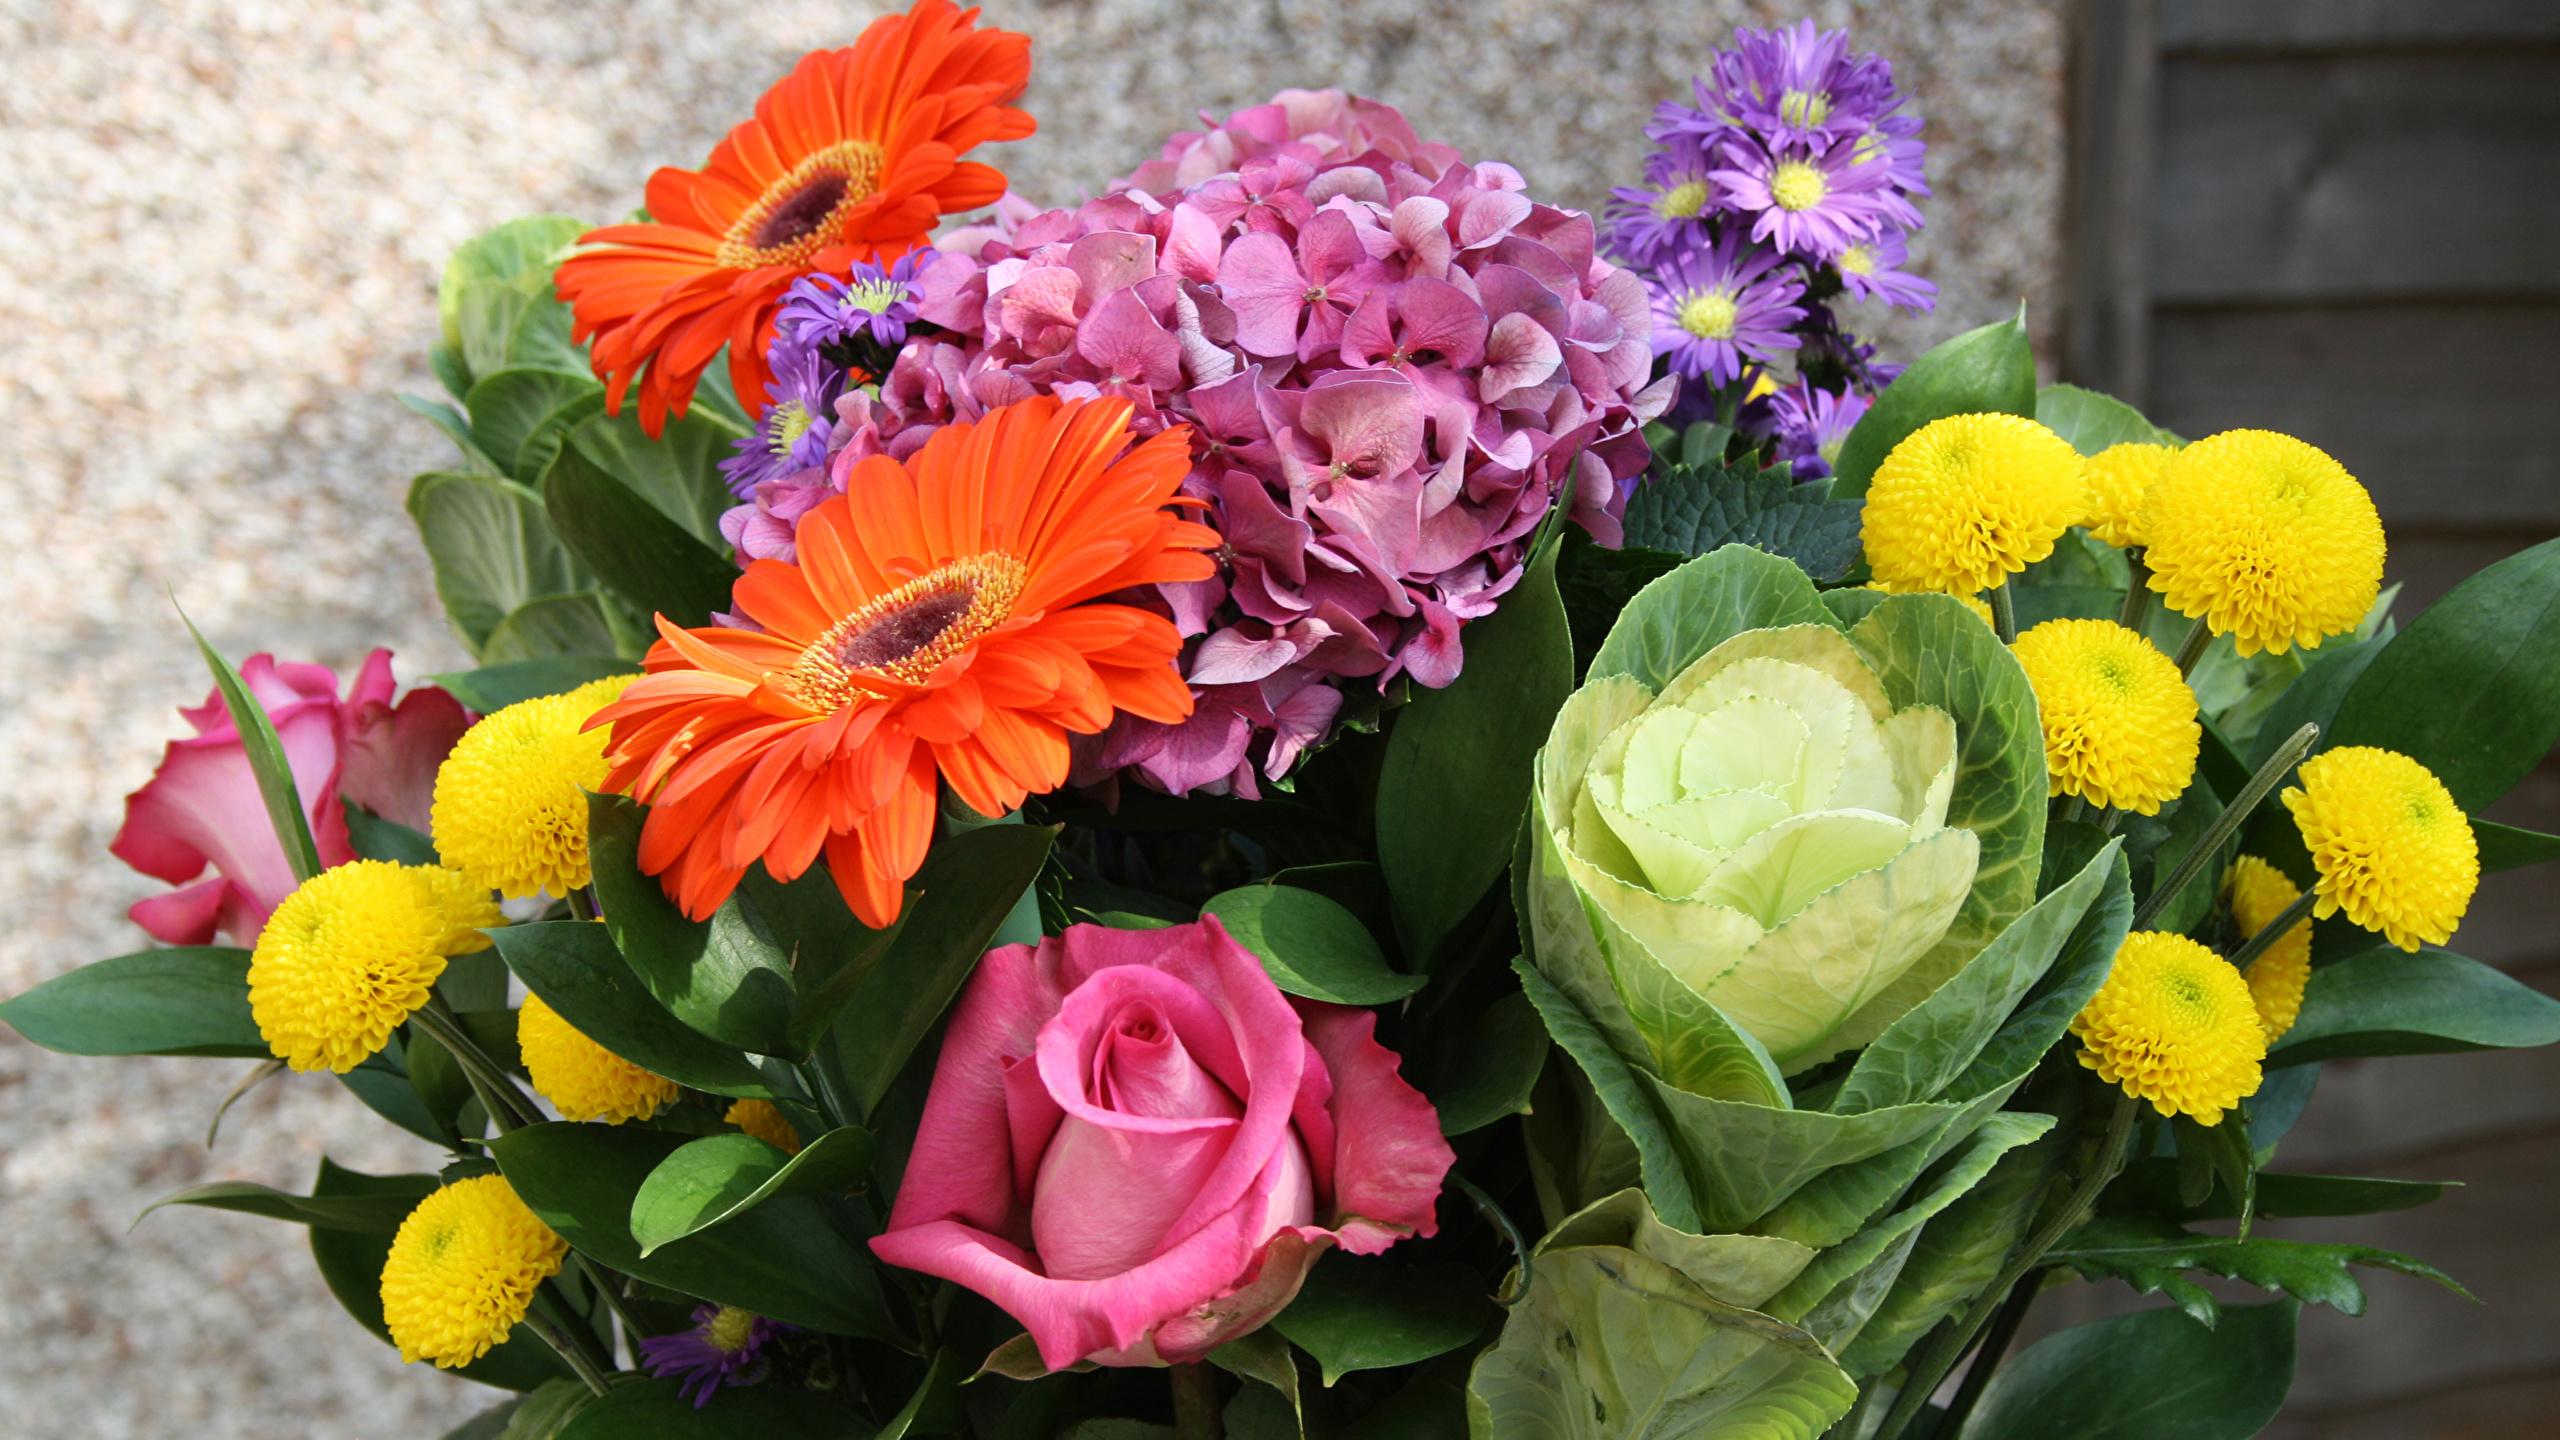 обои на рабочий стол букеты розы герберы лилии гвоздики № 172284  скачать